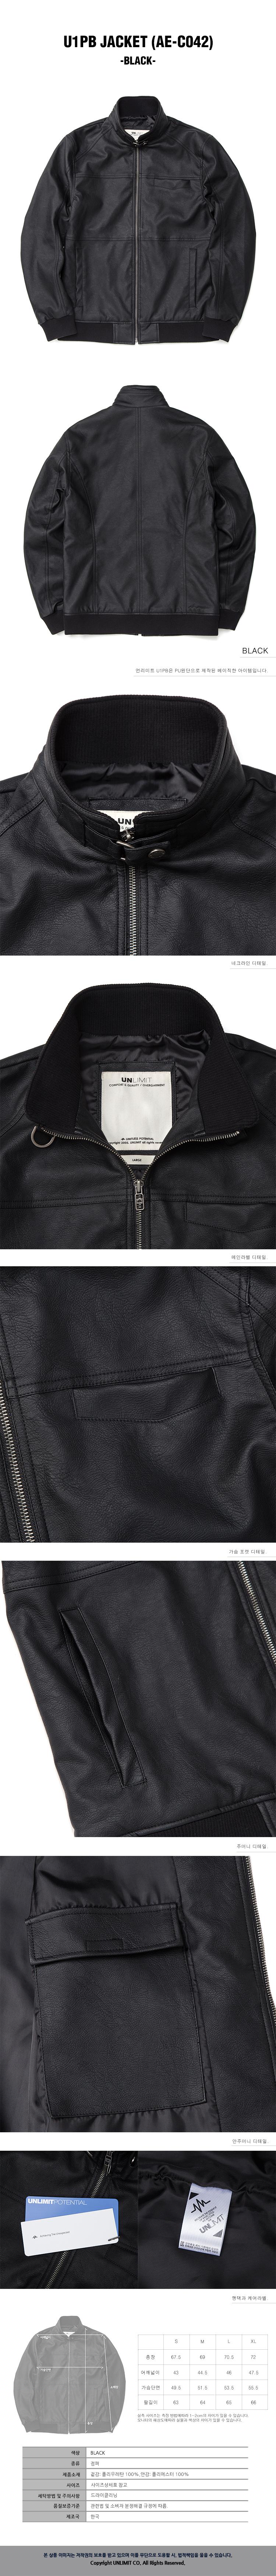 언리미트(UNLIMIT) Unlimit - U1PB Jacket (AE-C042)